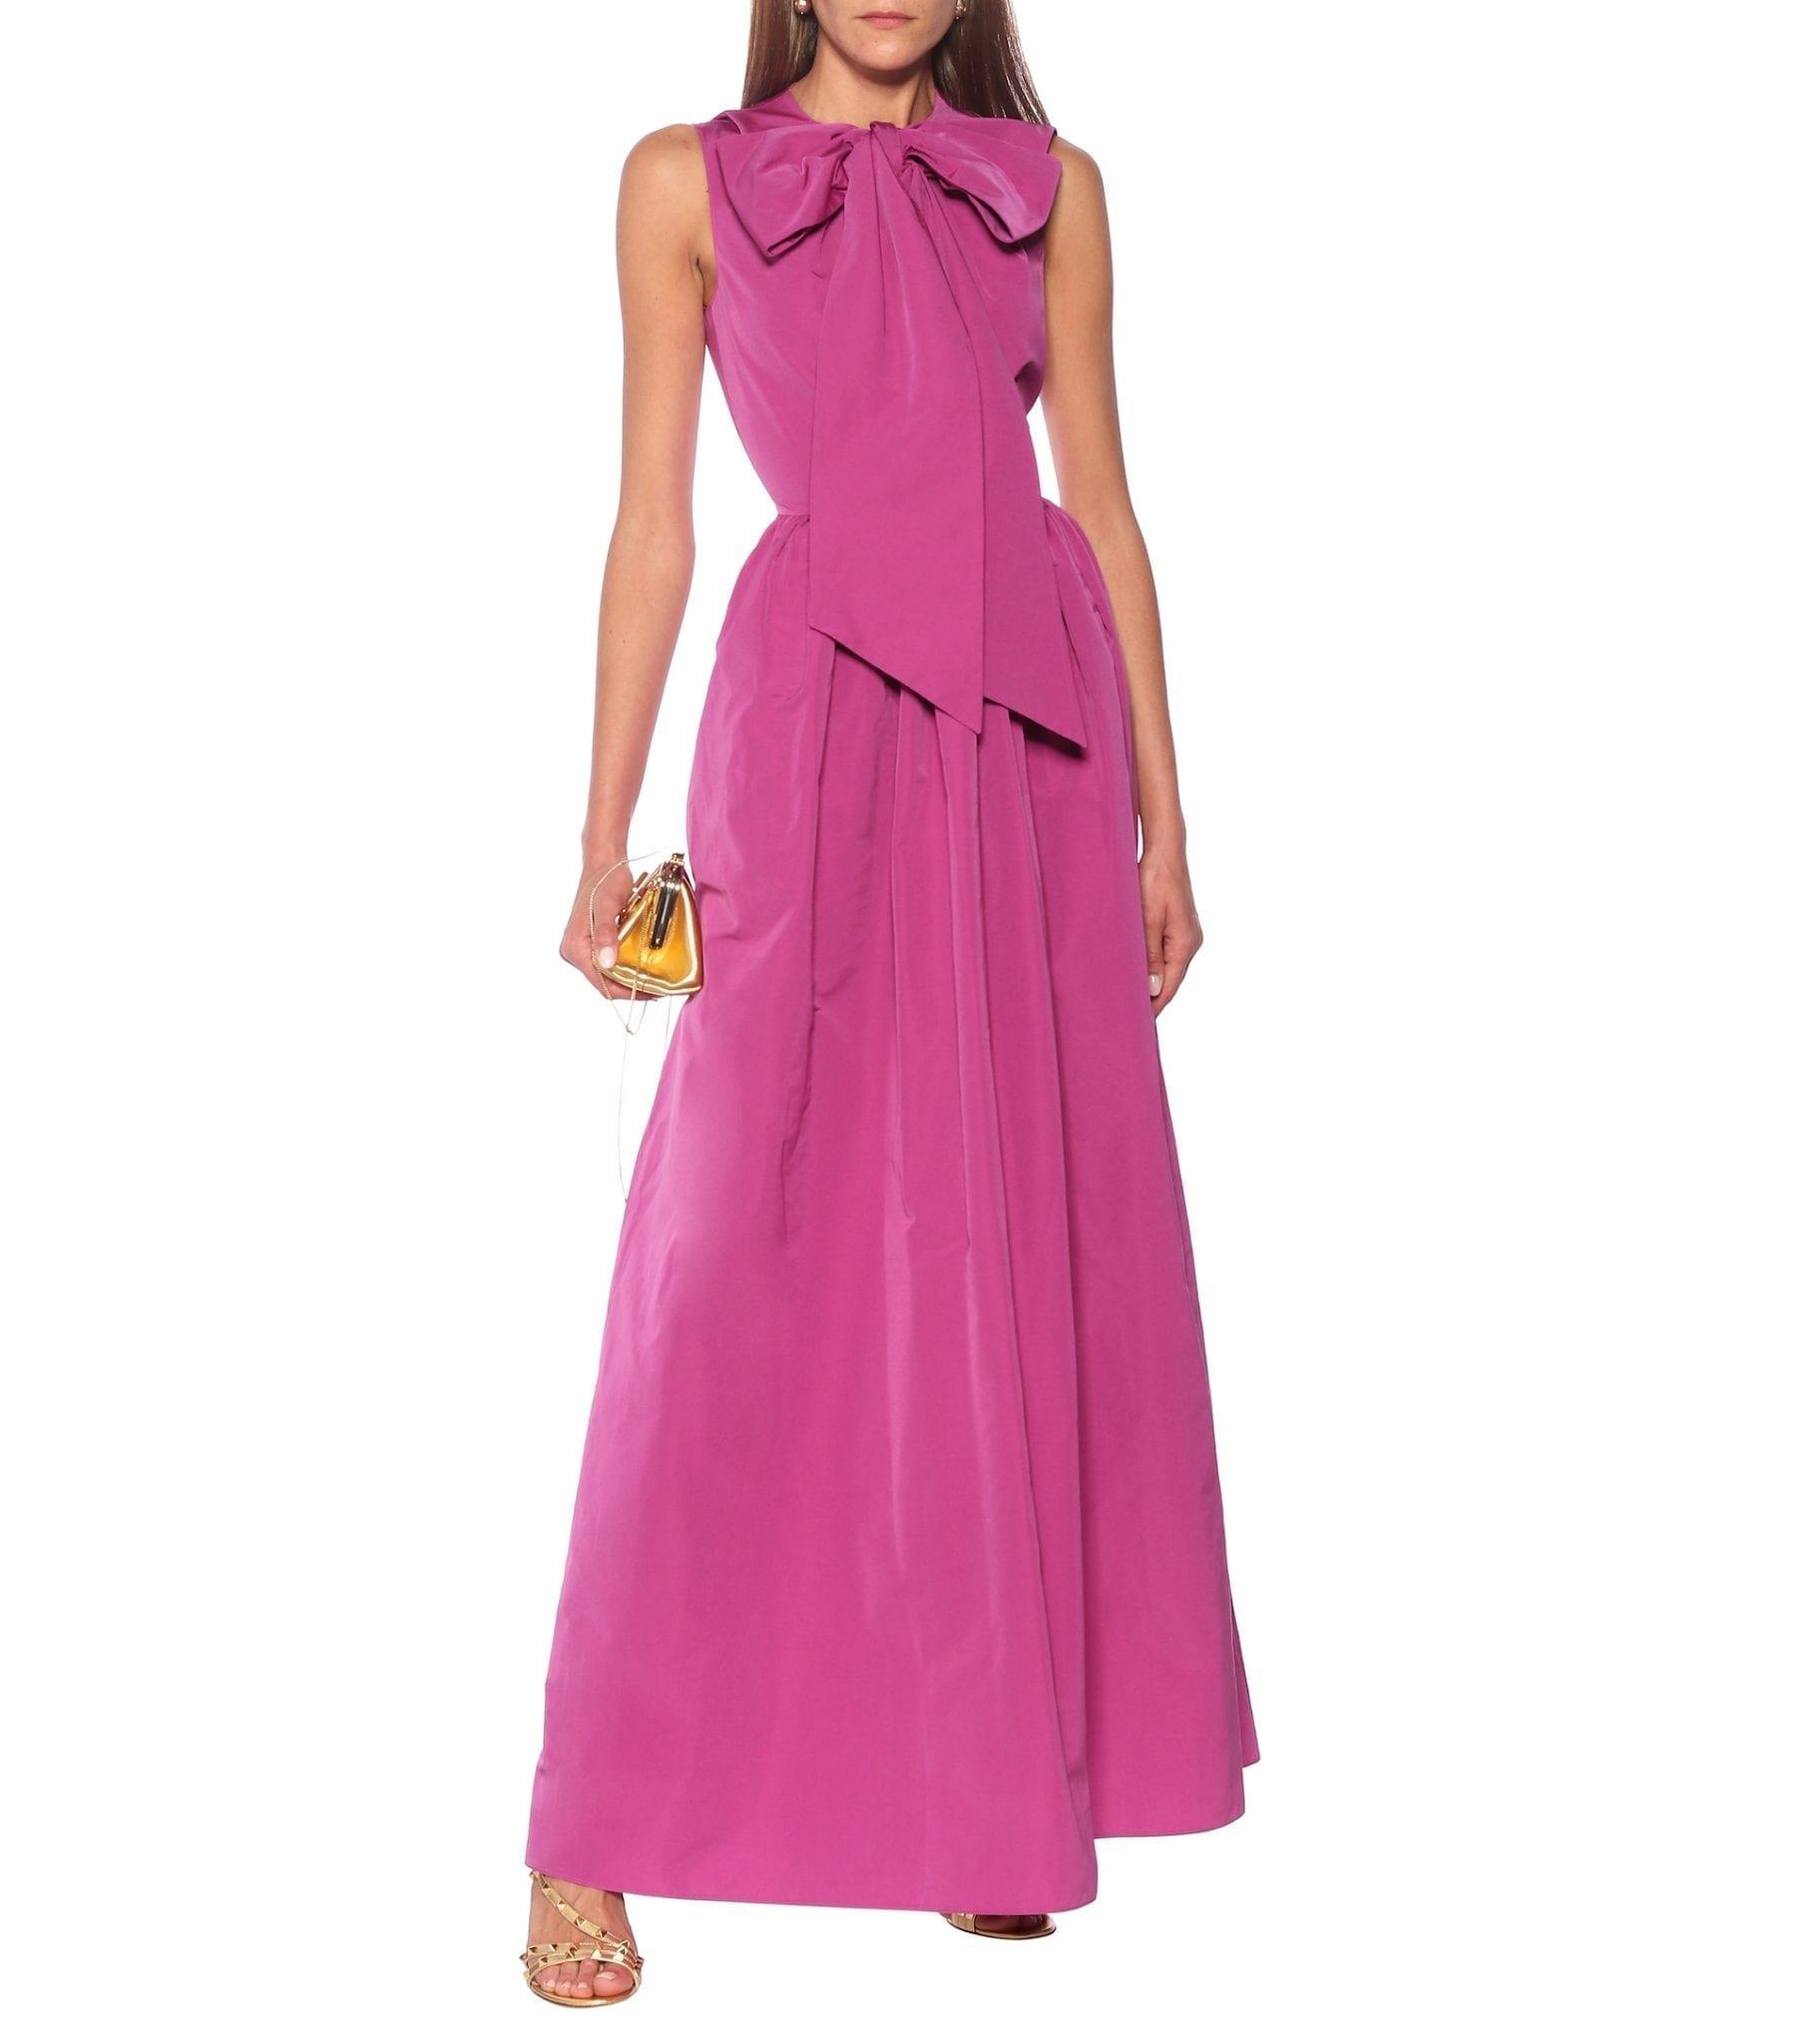 VALENTINO Taffeta Gown